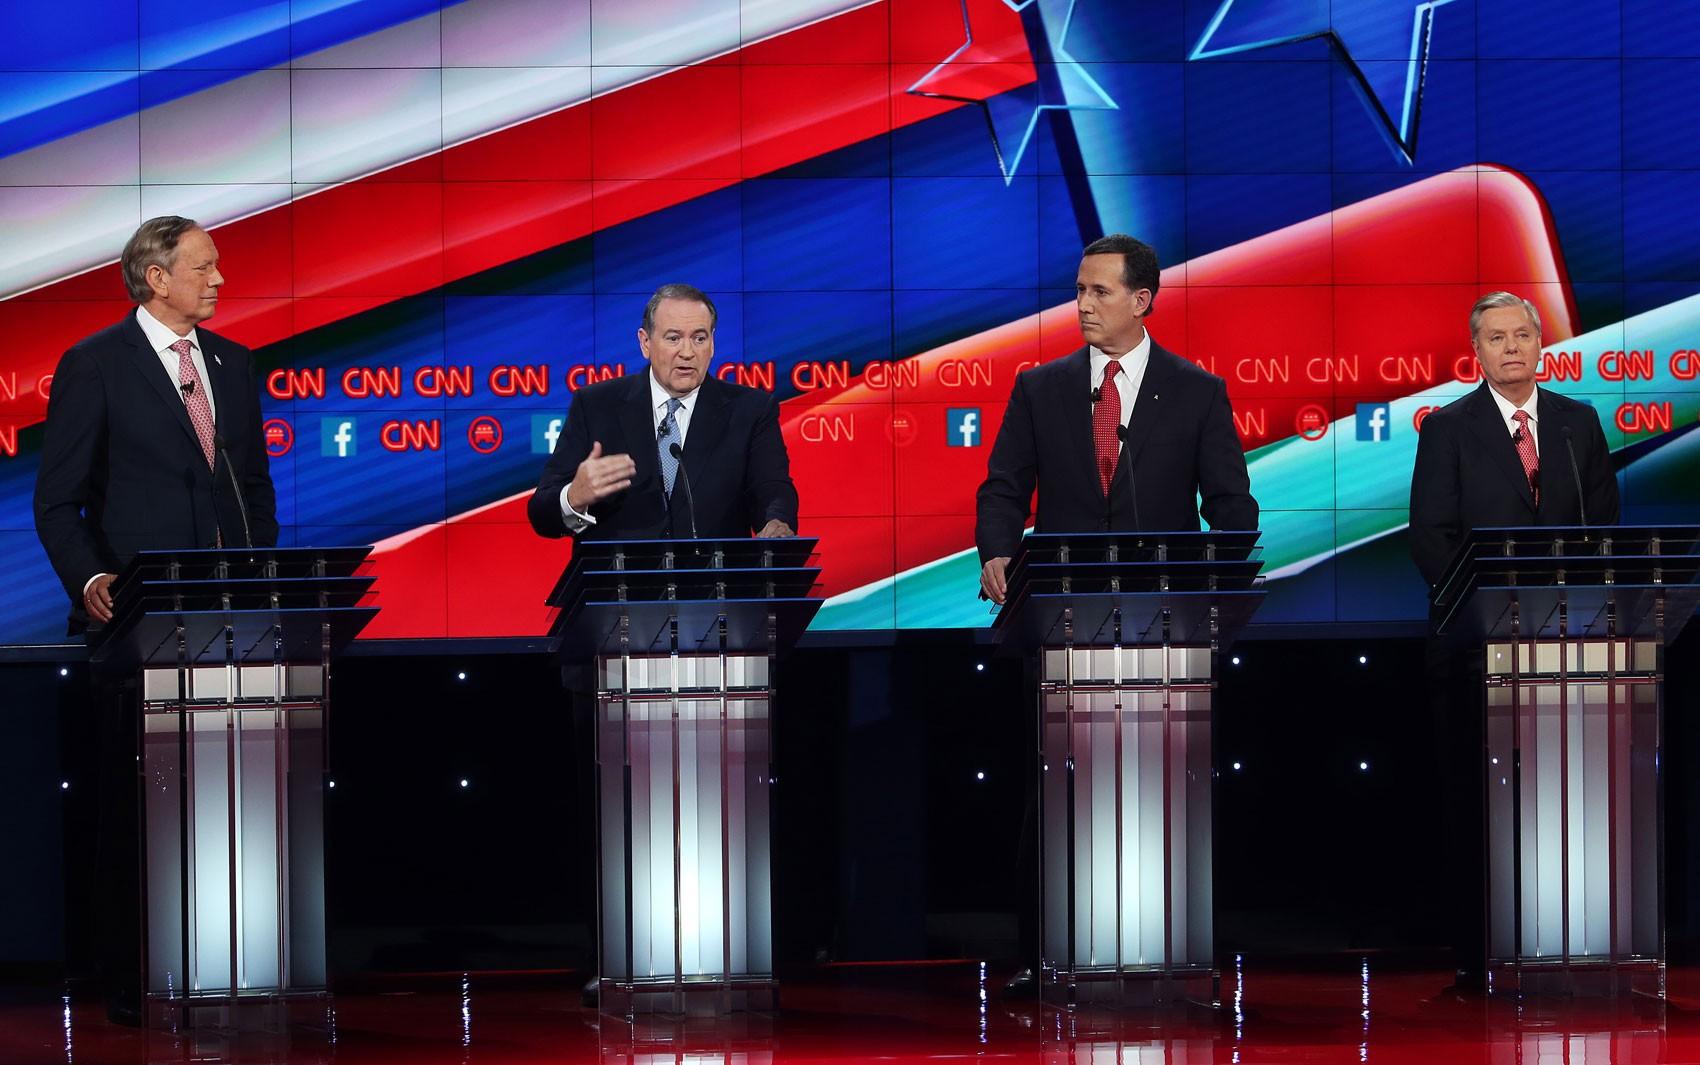 Os pré-candidatos republicanos George Pataki, Mike Huckabee, Rick Santorum e Lindsey Graham participam de debate promovido pela CNN no cassino Venetian, em Las Vegas, na noite de terça (15) (Foto: Justin Sullivan/Getty Images/AFP)